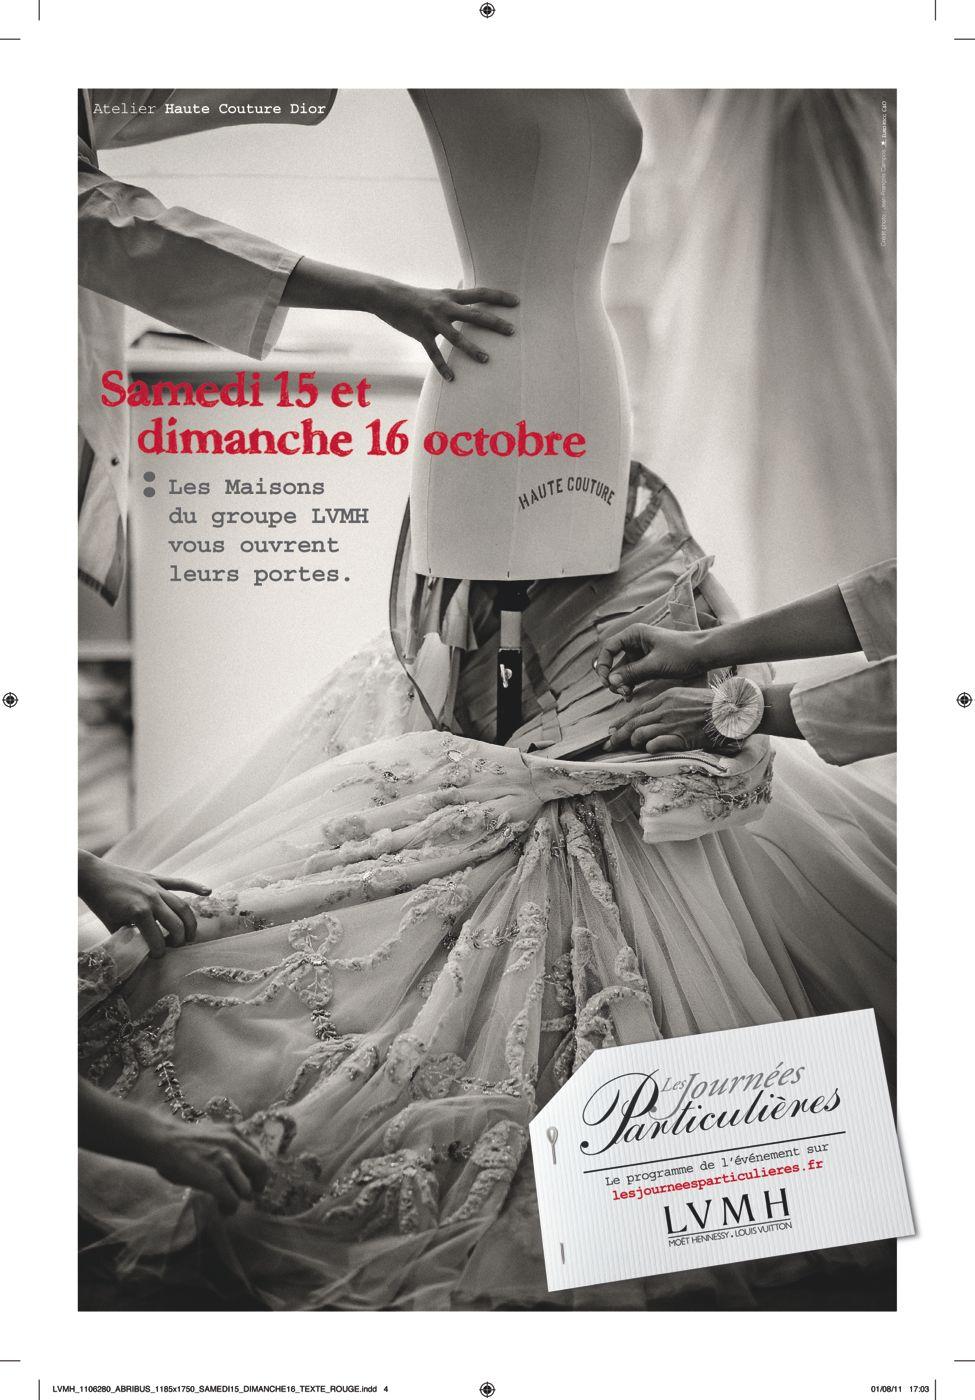 Les Journées Particulières - Christian Dior Haute Couture